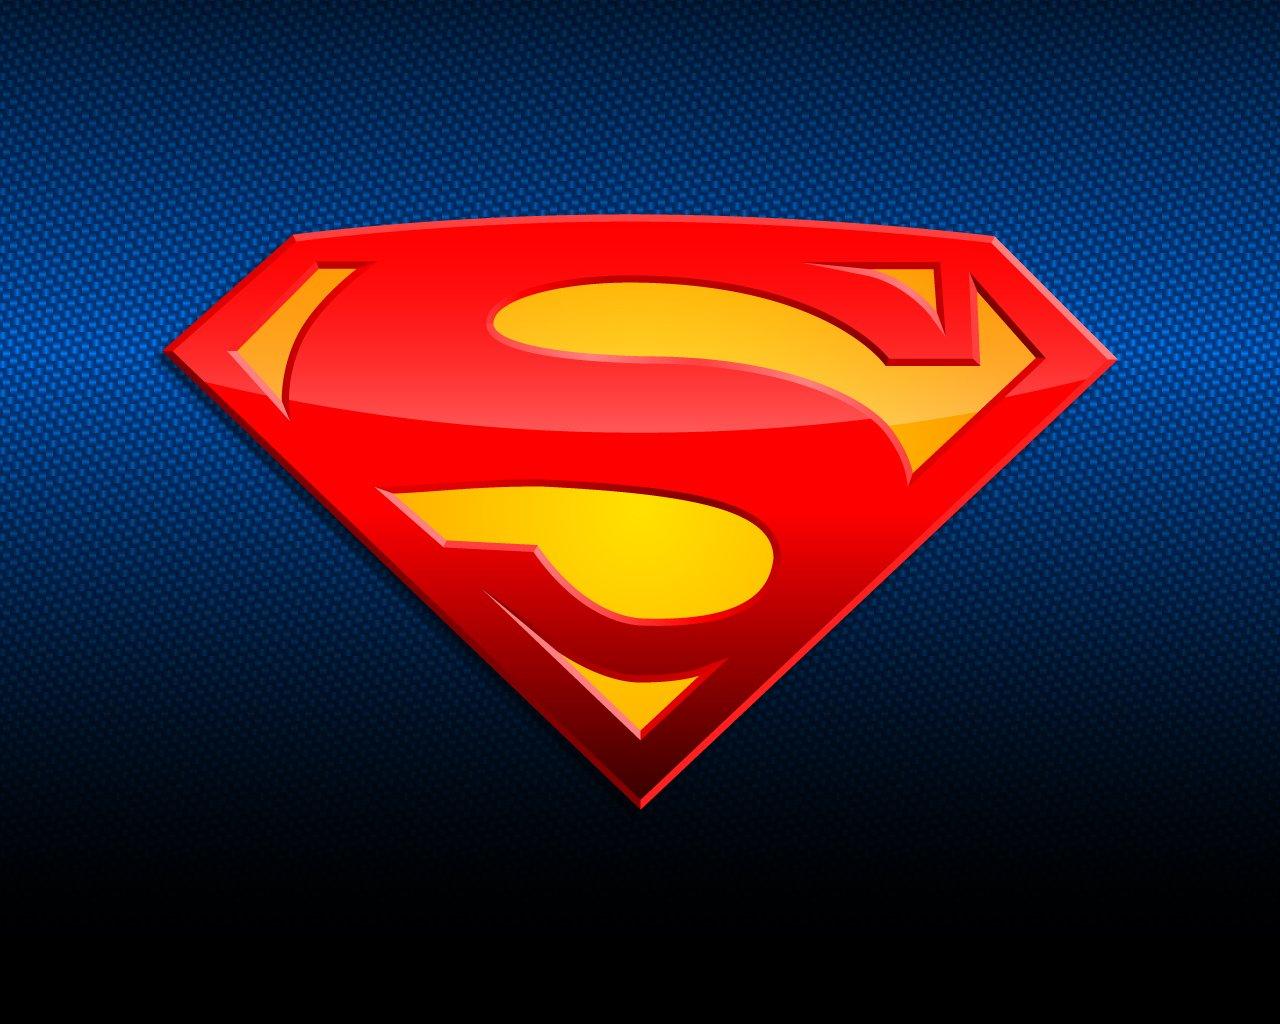 3d Superman Wallpaper Wallpapersafari